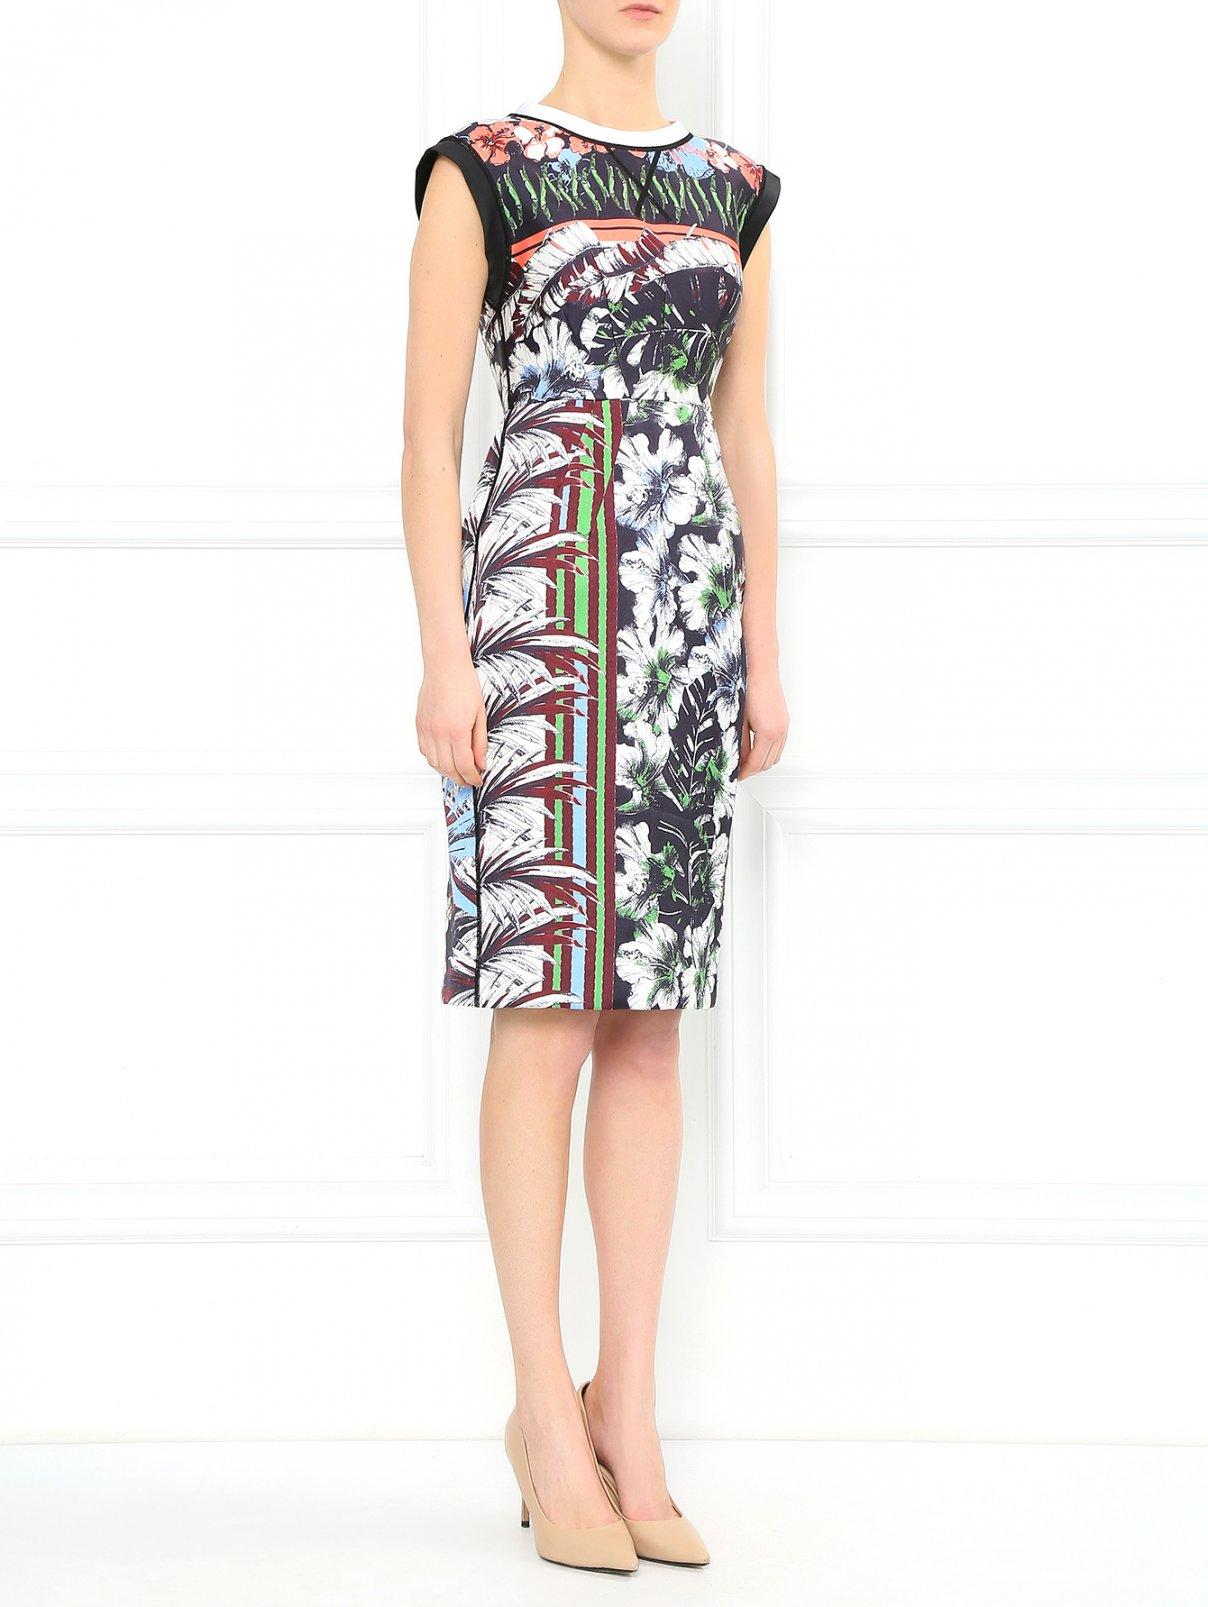 Платье-миди из смешанного шелка с цветочным узором Aquilano Rimondi  –  Модель Общий вид  – Цвет:  Черный